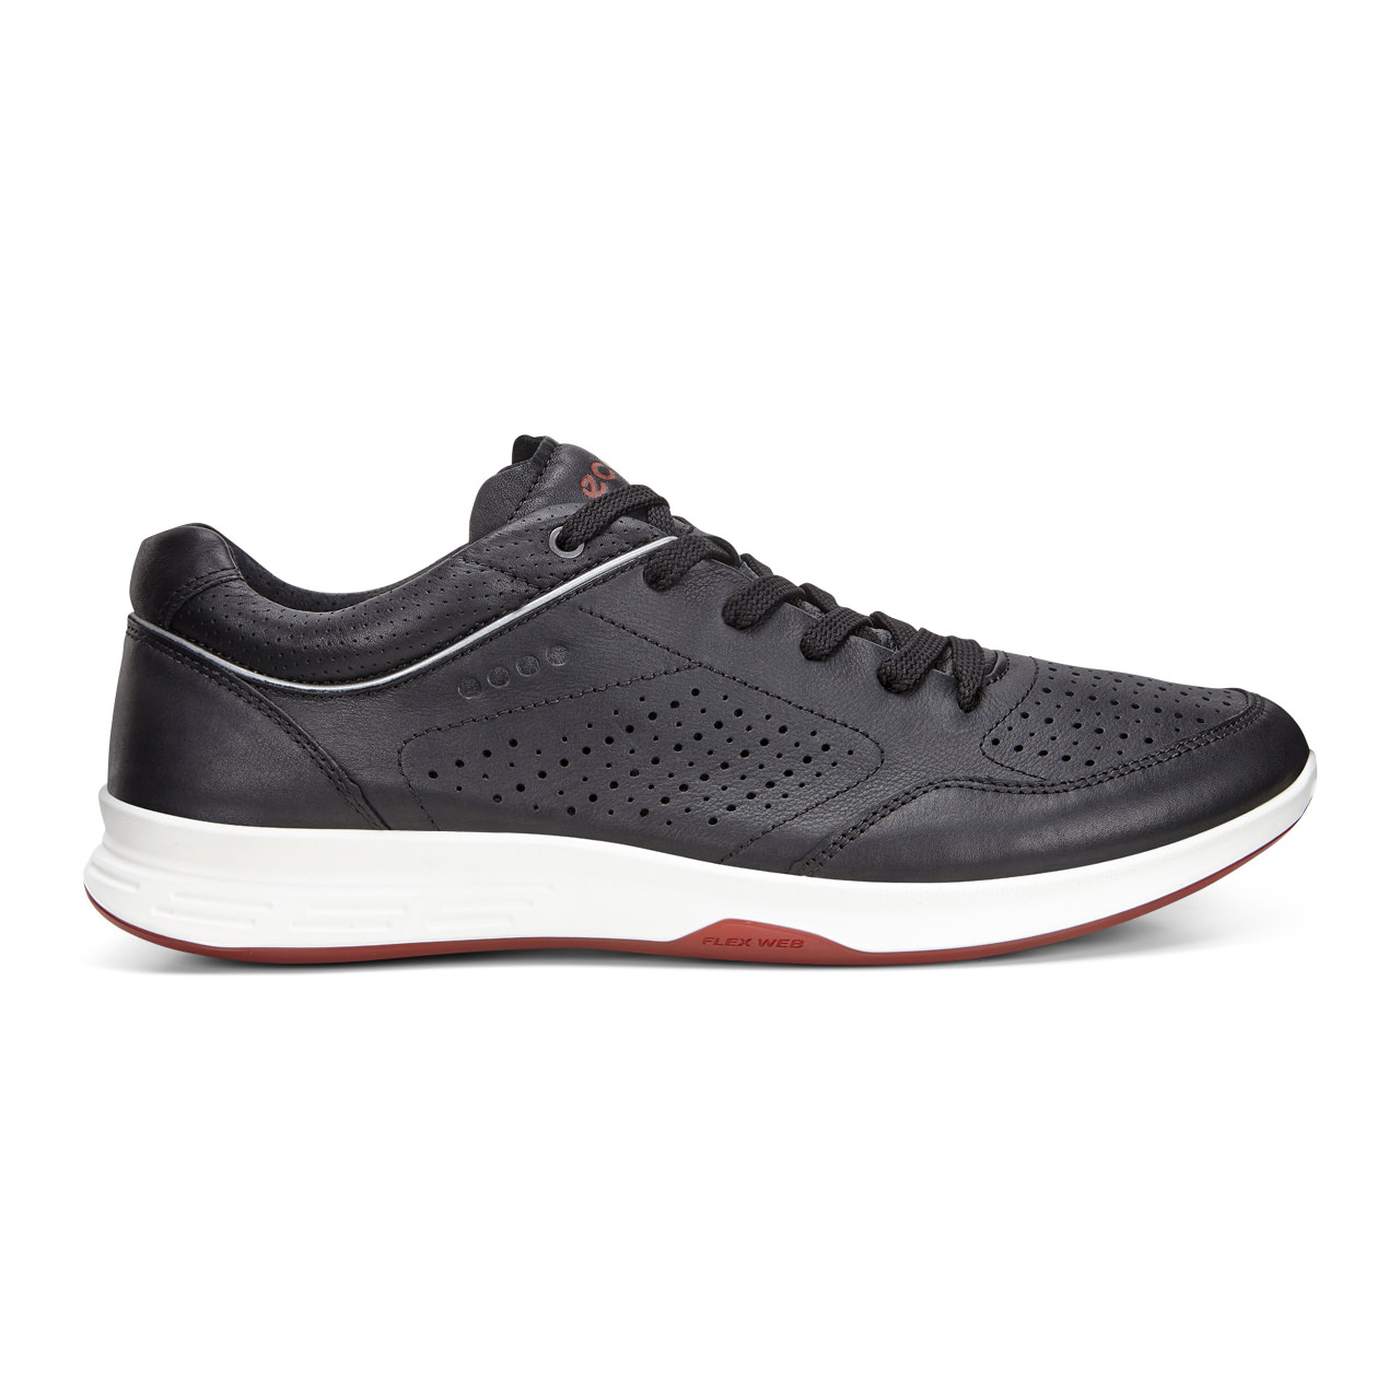 ECCO EXCEED MEN'S Sneaker